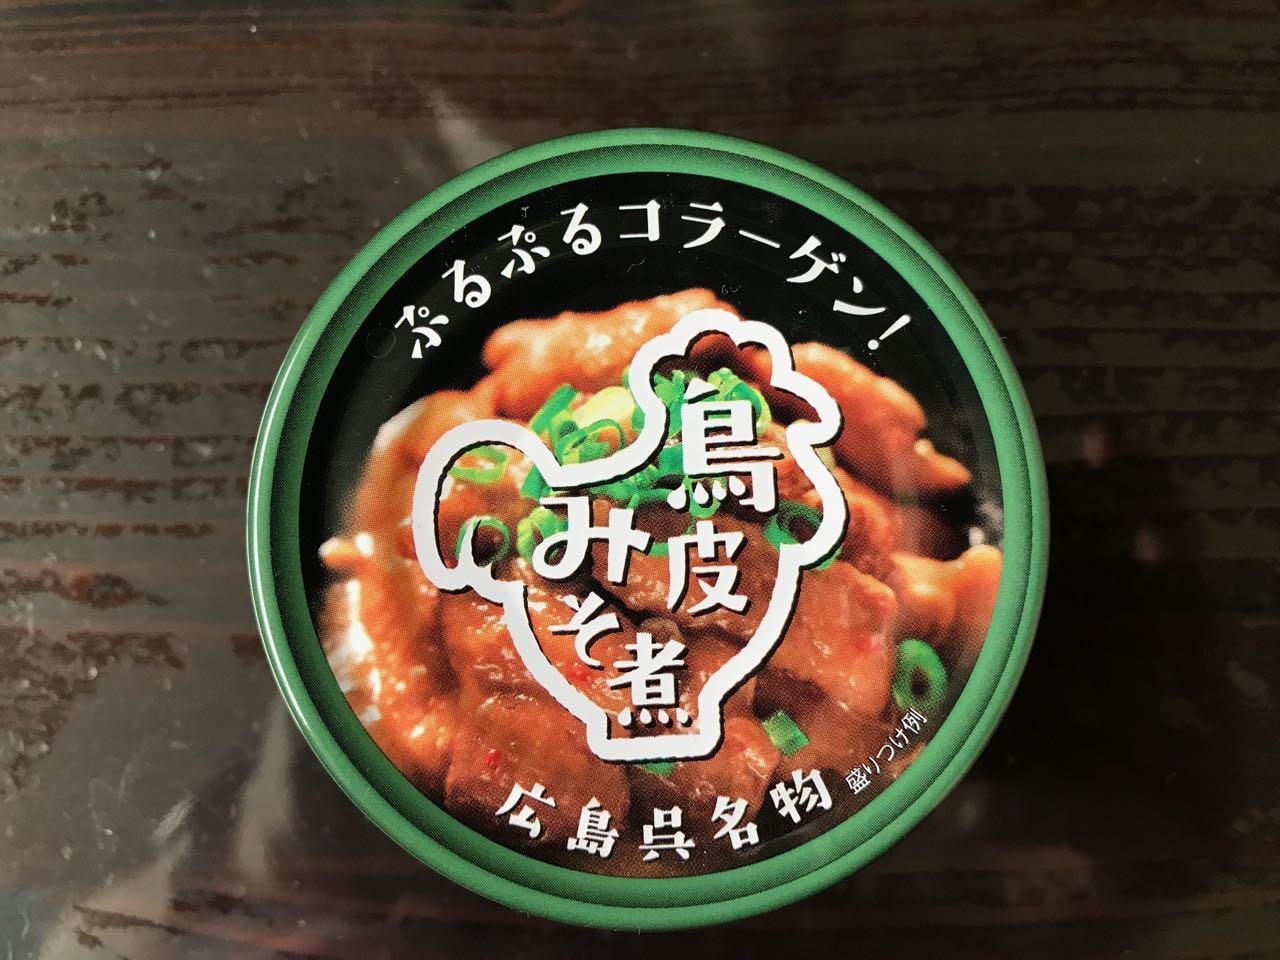 【広島呉名物 鳥皮みそ煮 ヤマトフーズ】 ピリ辛味噌とプリプリ鳥皮でお酒がどんどん進みます!